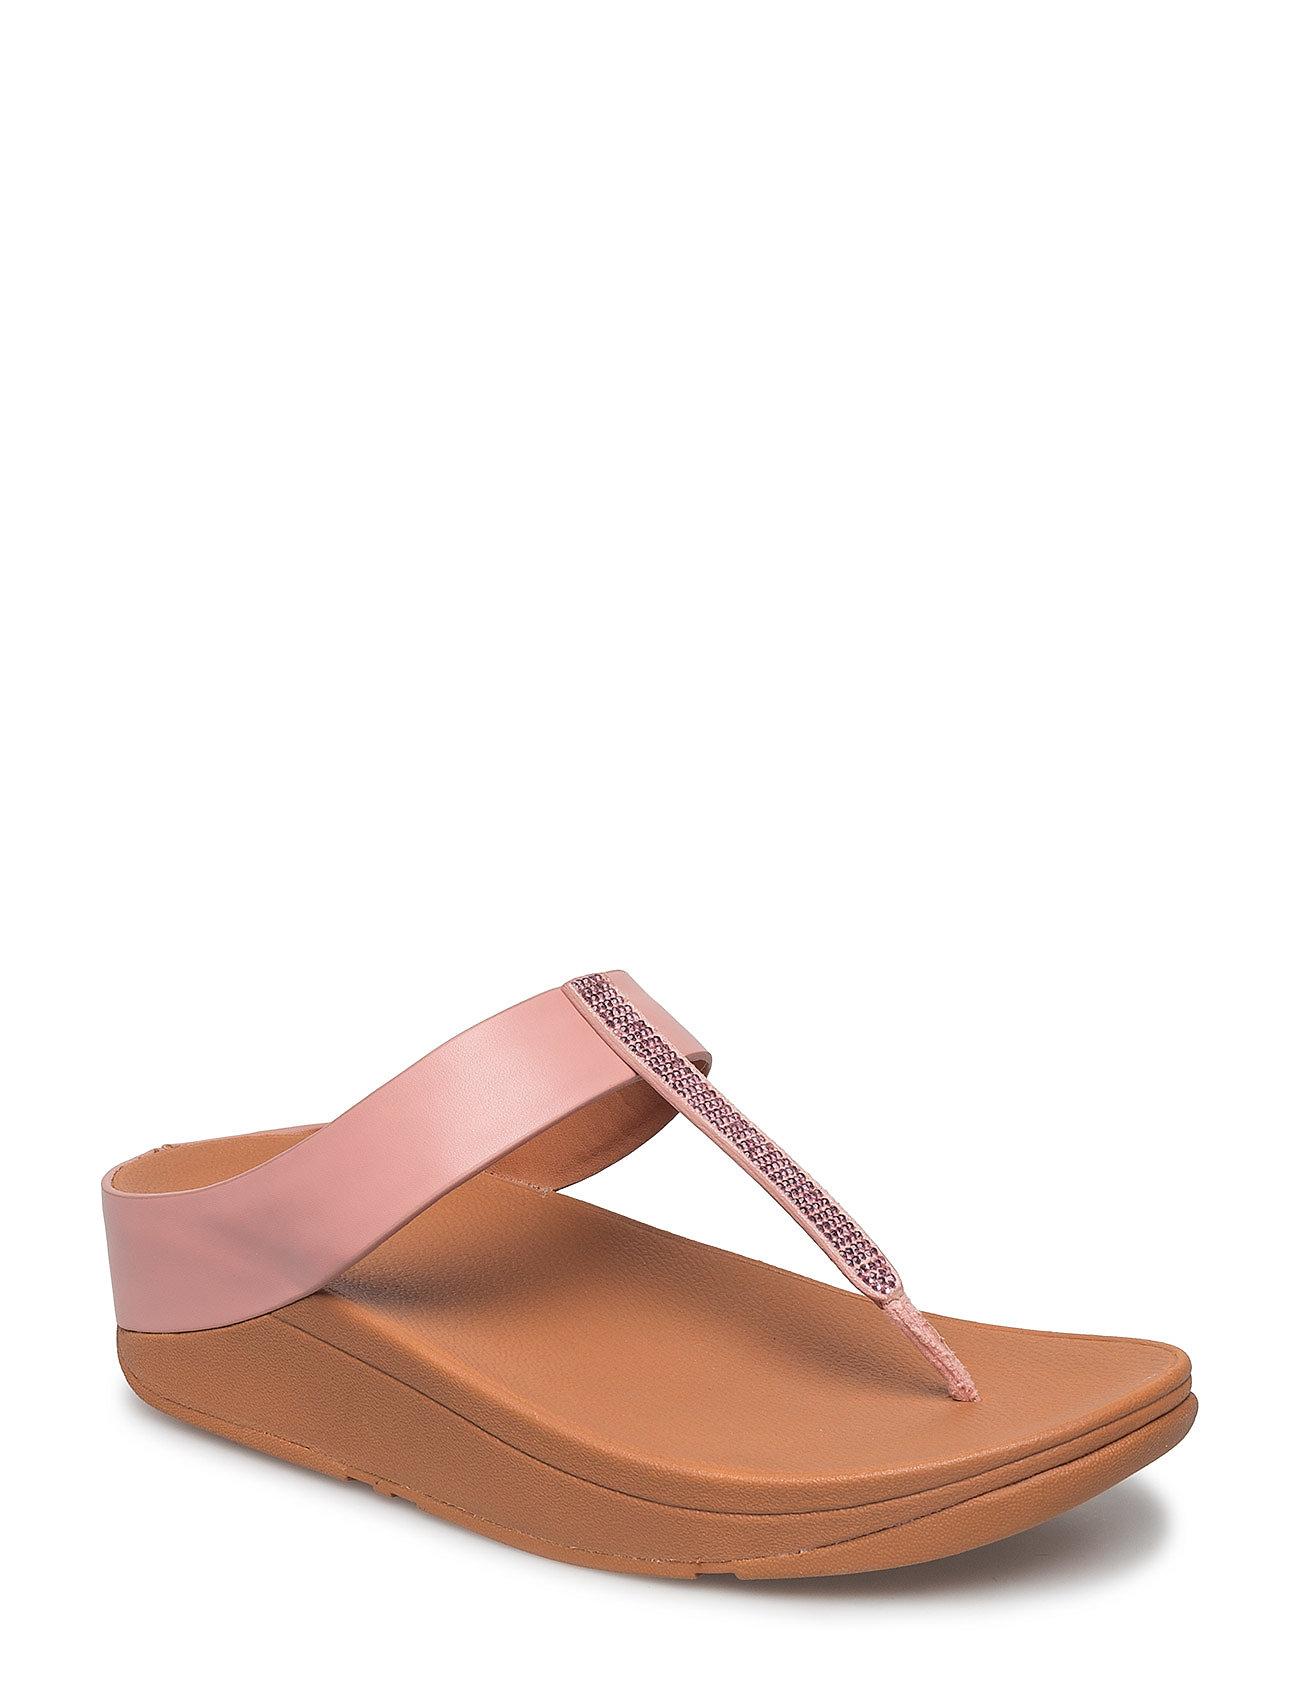 Naisten Fitflop sandaalit netistä  Fino Crystal Tp 5c5dae98ec